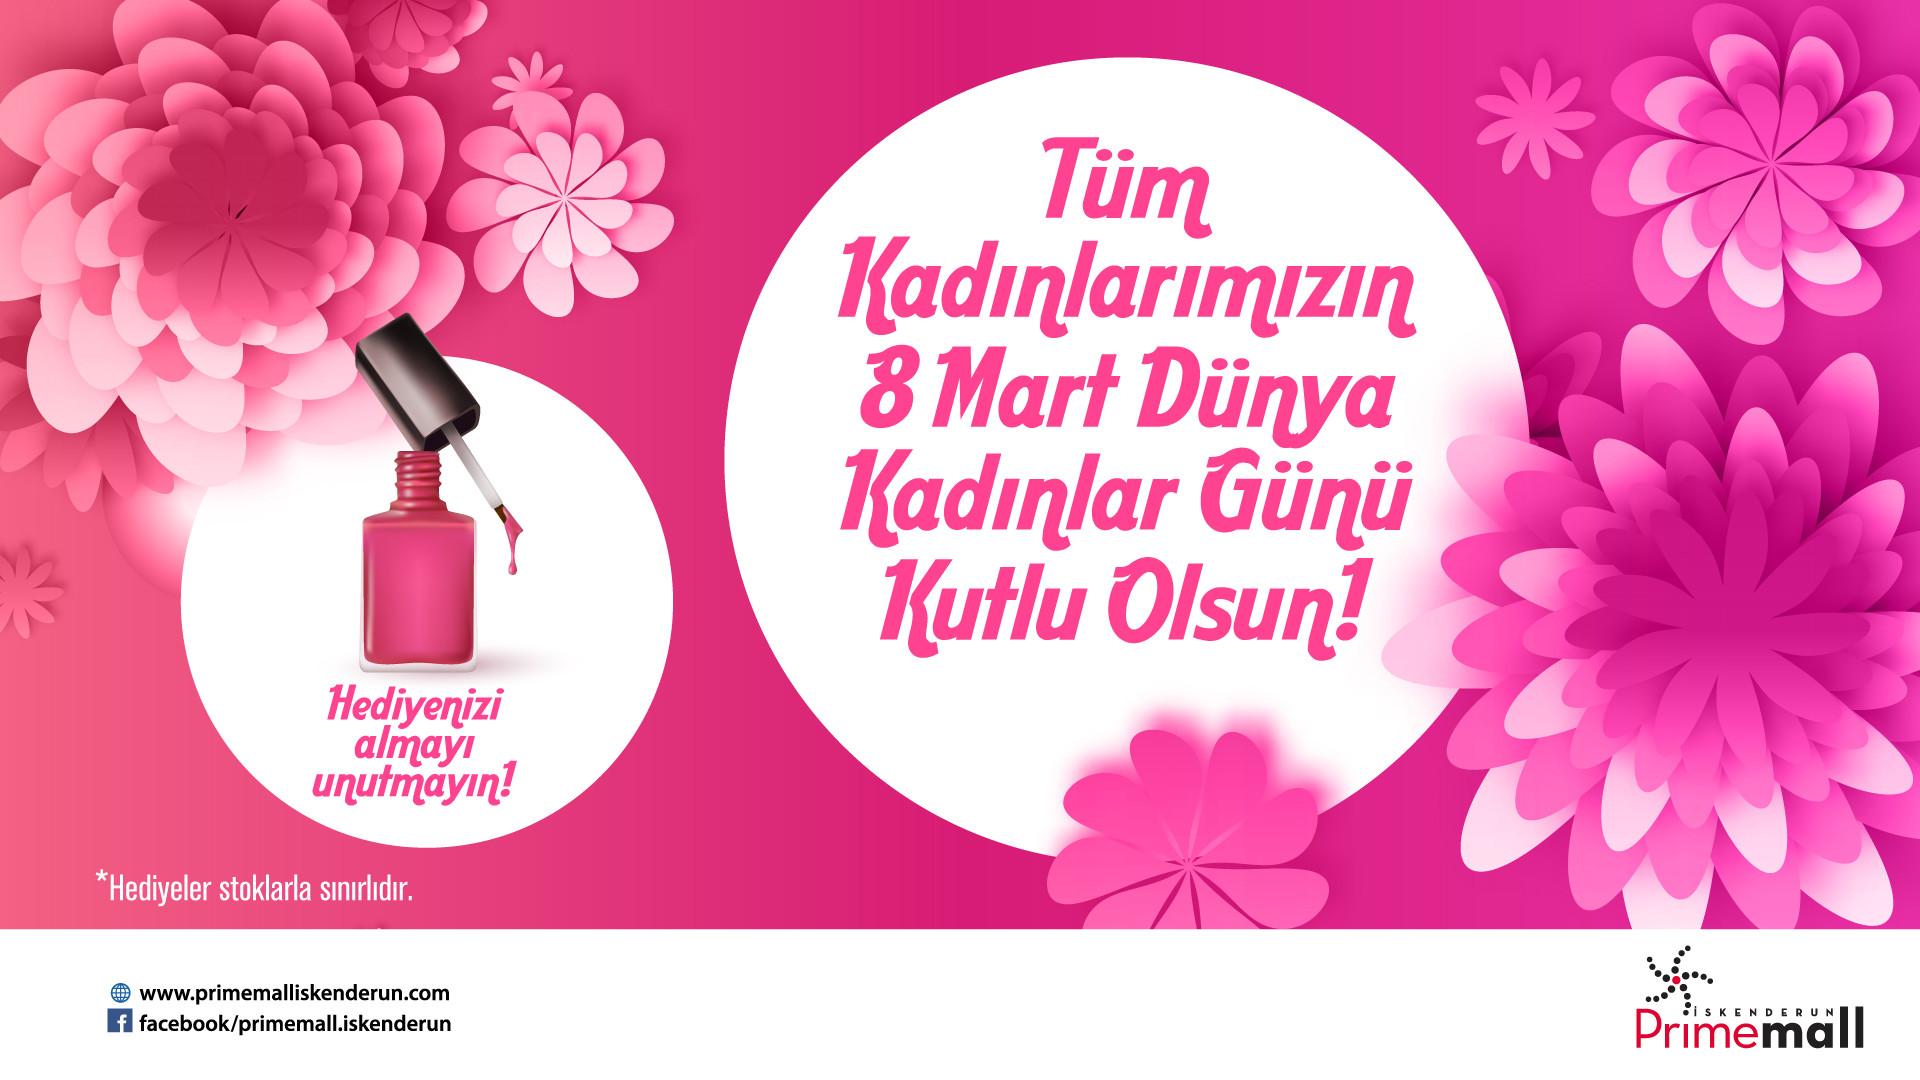 Tüm Kadınlarımızın 8 Mart Dünya Kadınlar Günü Kutlu Olsun